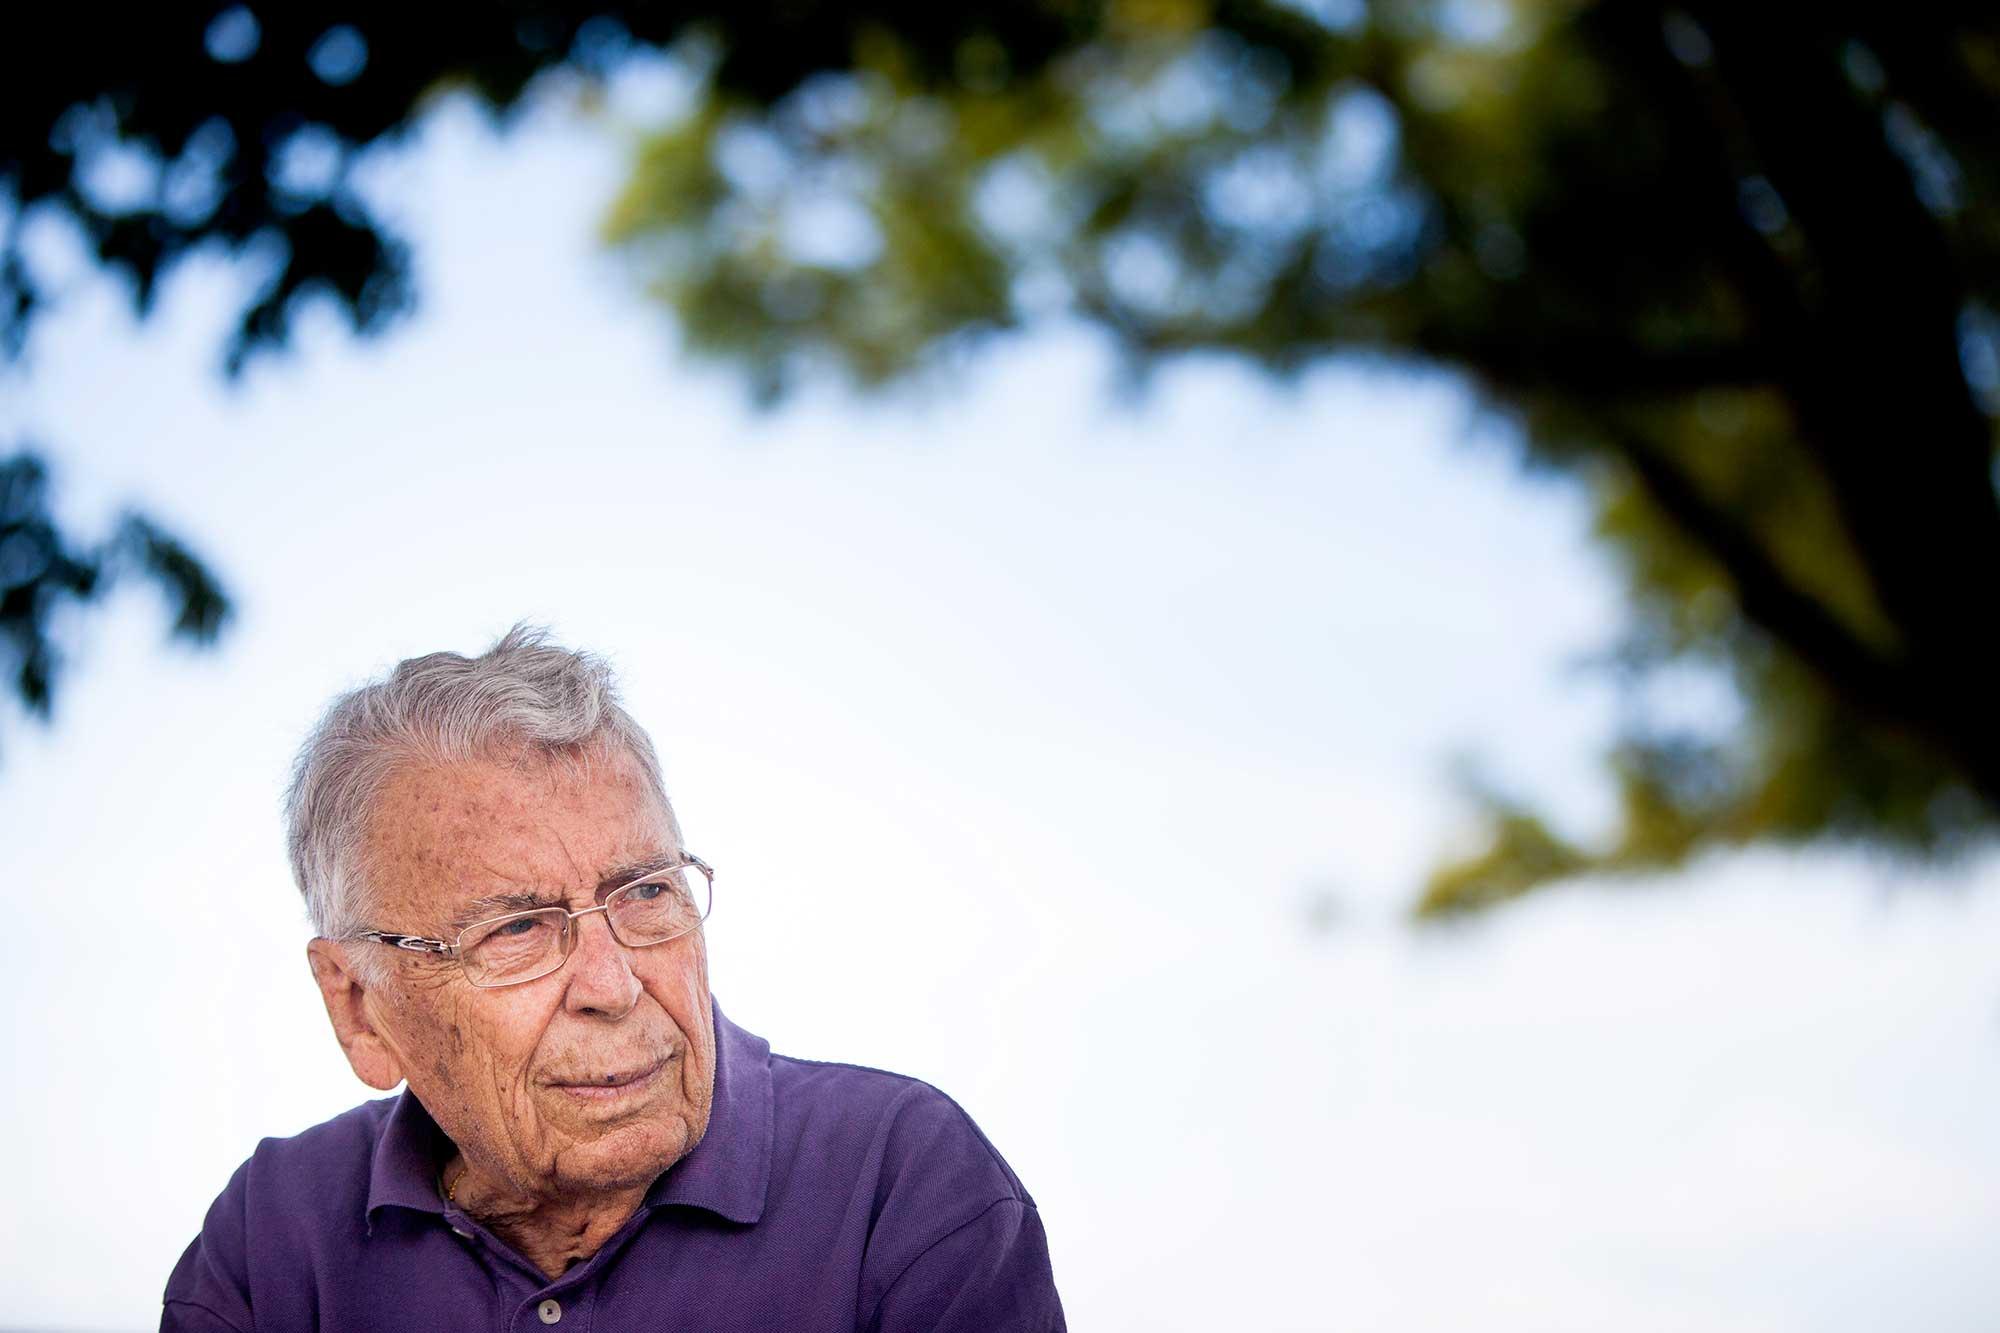 PÚBLICO - Morreu Hugo Ribeiro, o homem que nos ensinou como ouvir Amália